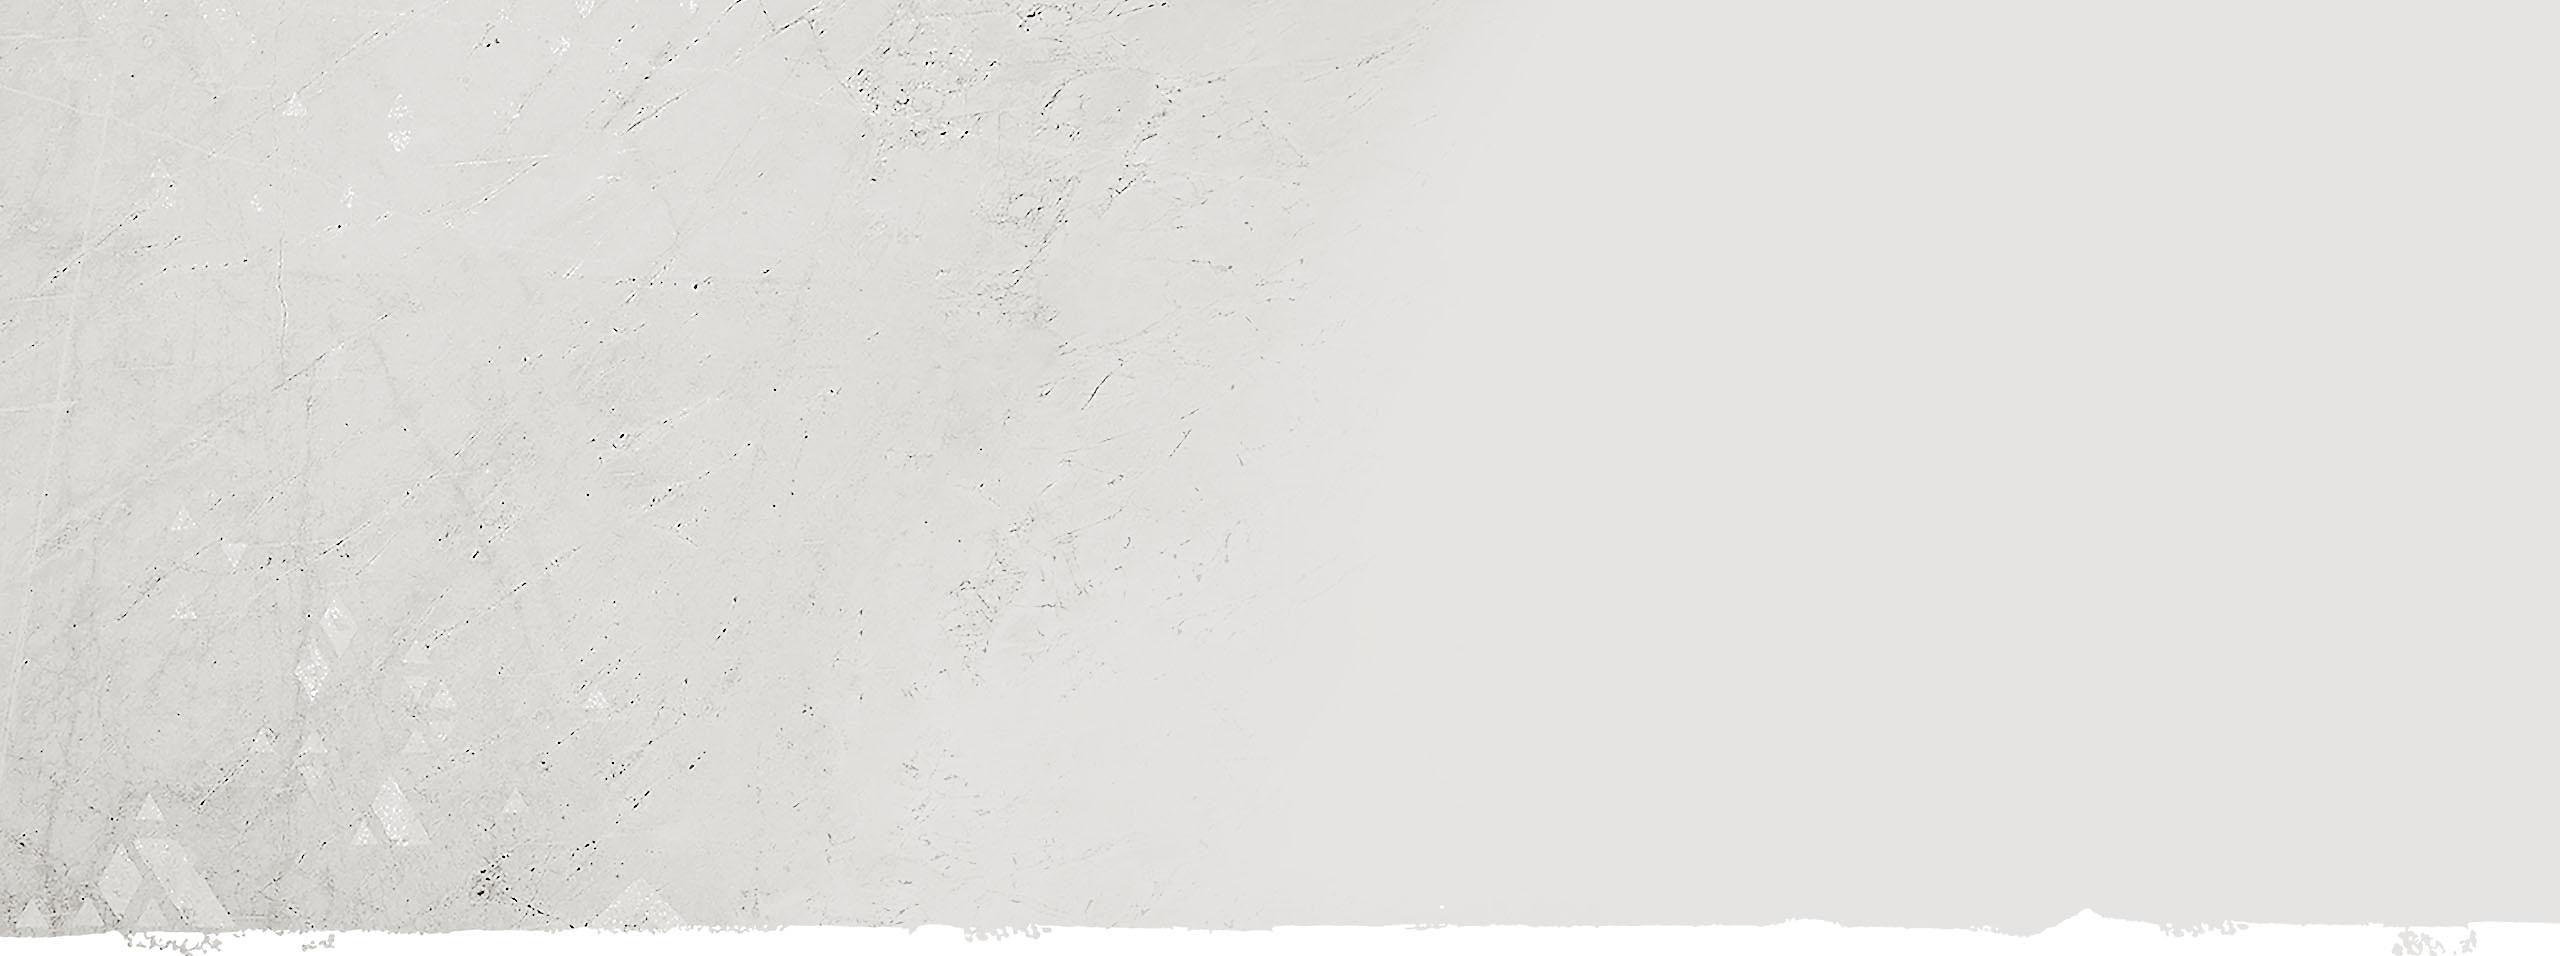 Horizon beige background